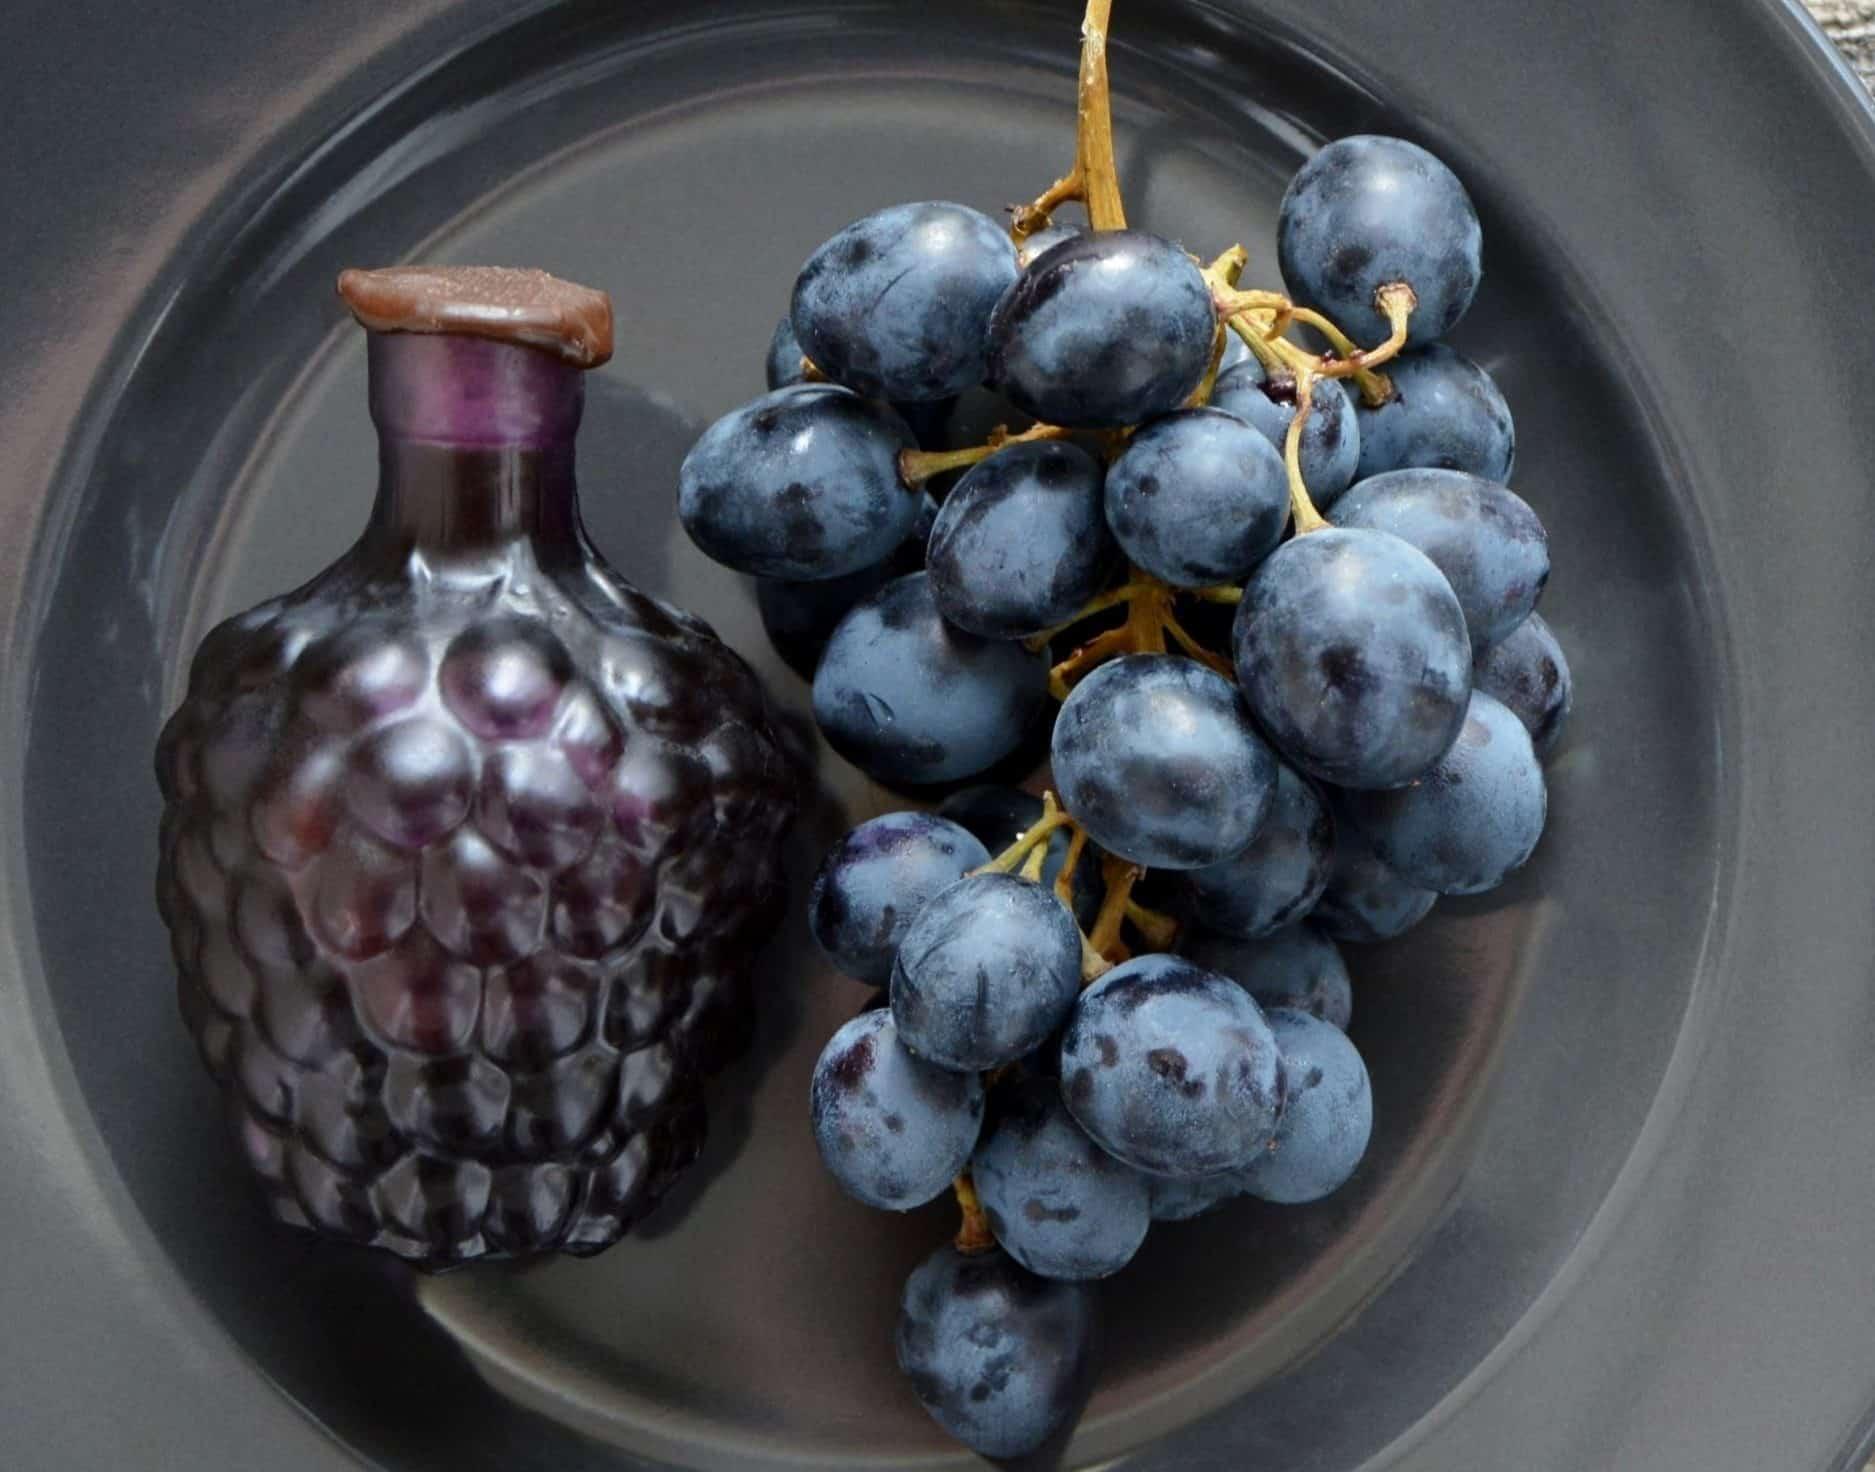 vinograd3 min